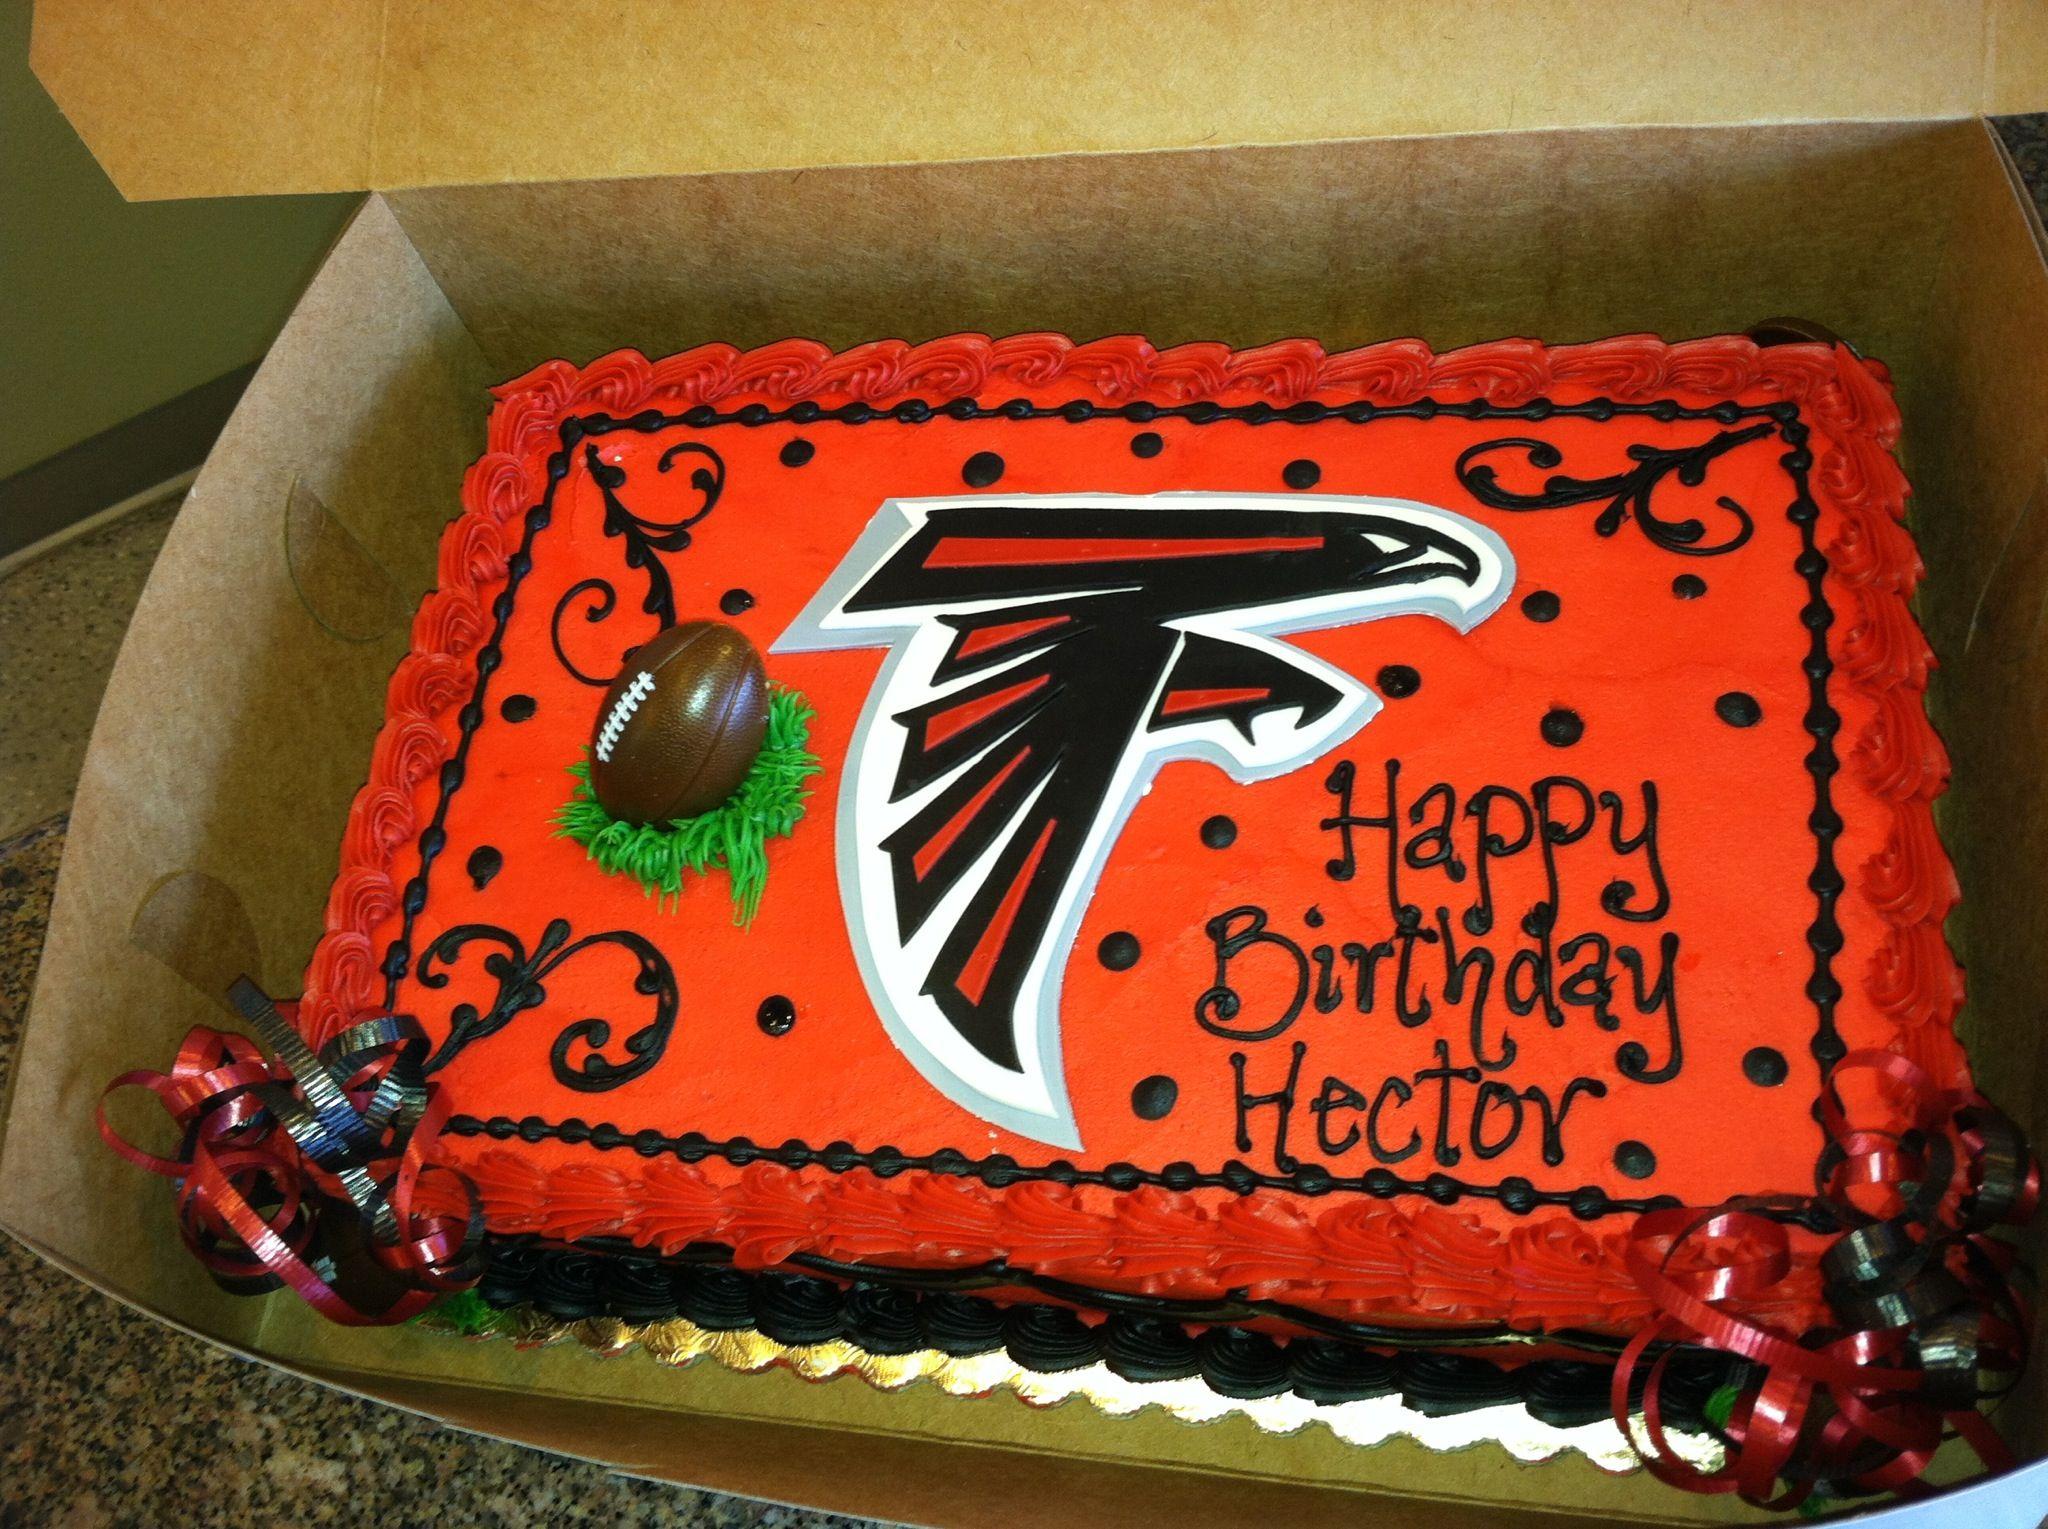 Atlanta Falcon Cake For Hectors Birthday Football Happy Cakes Team Gifts